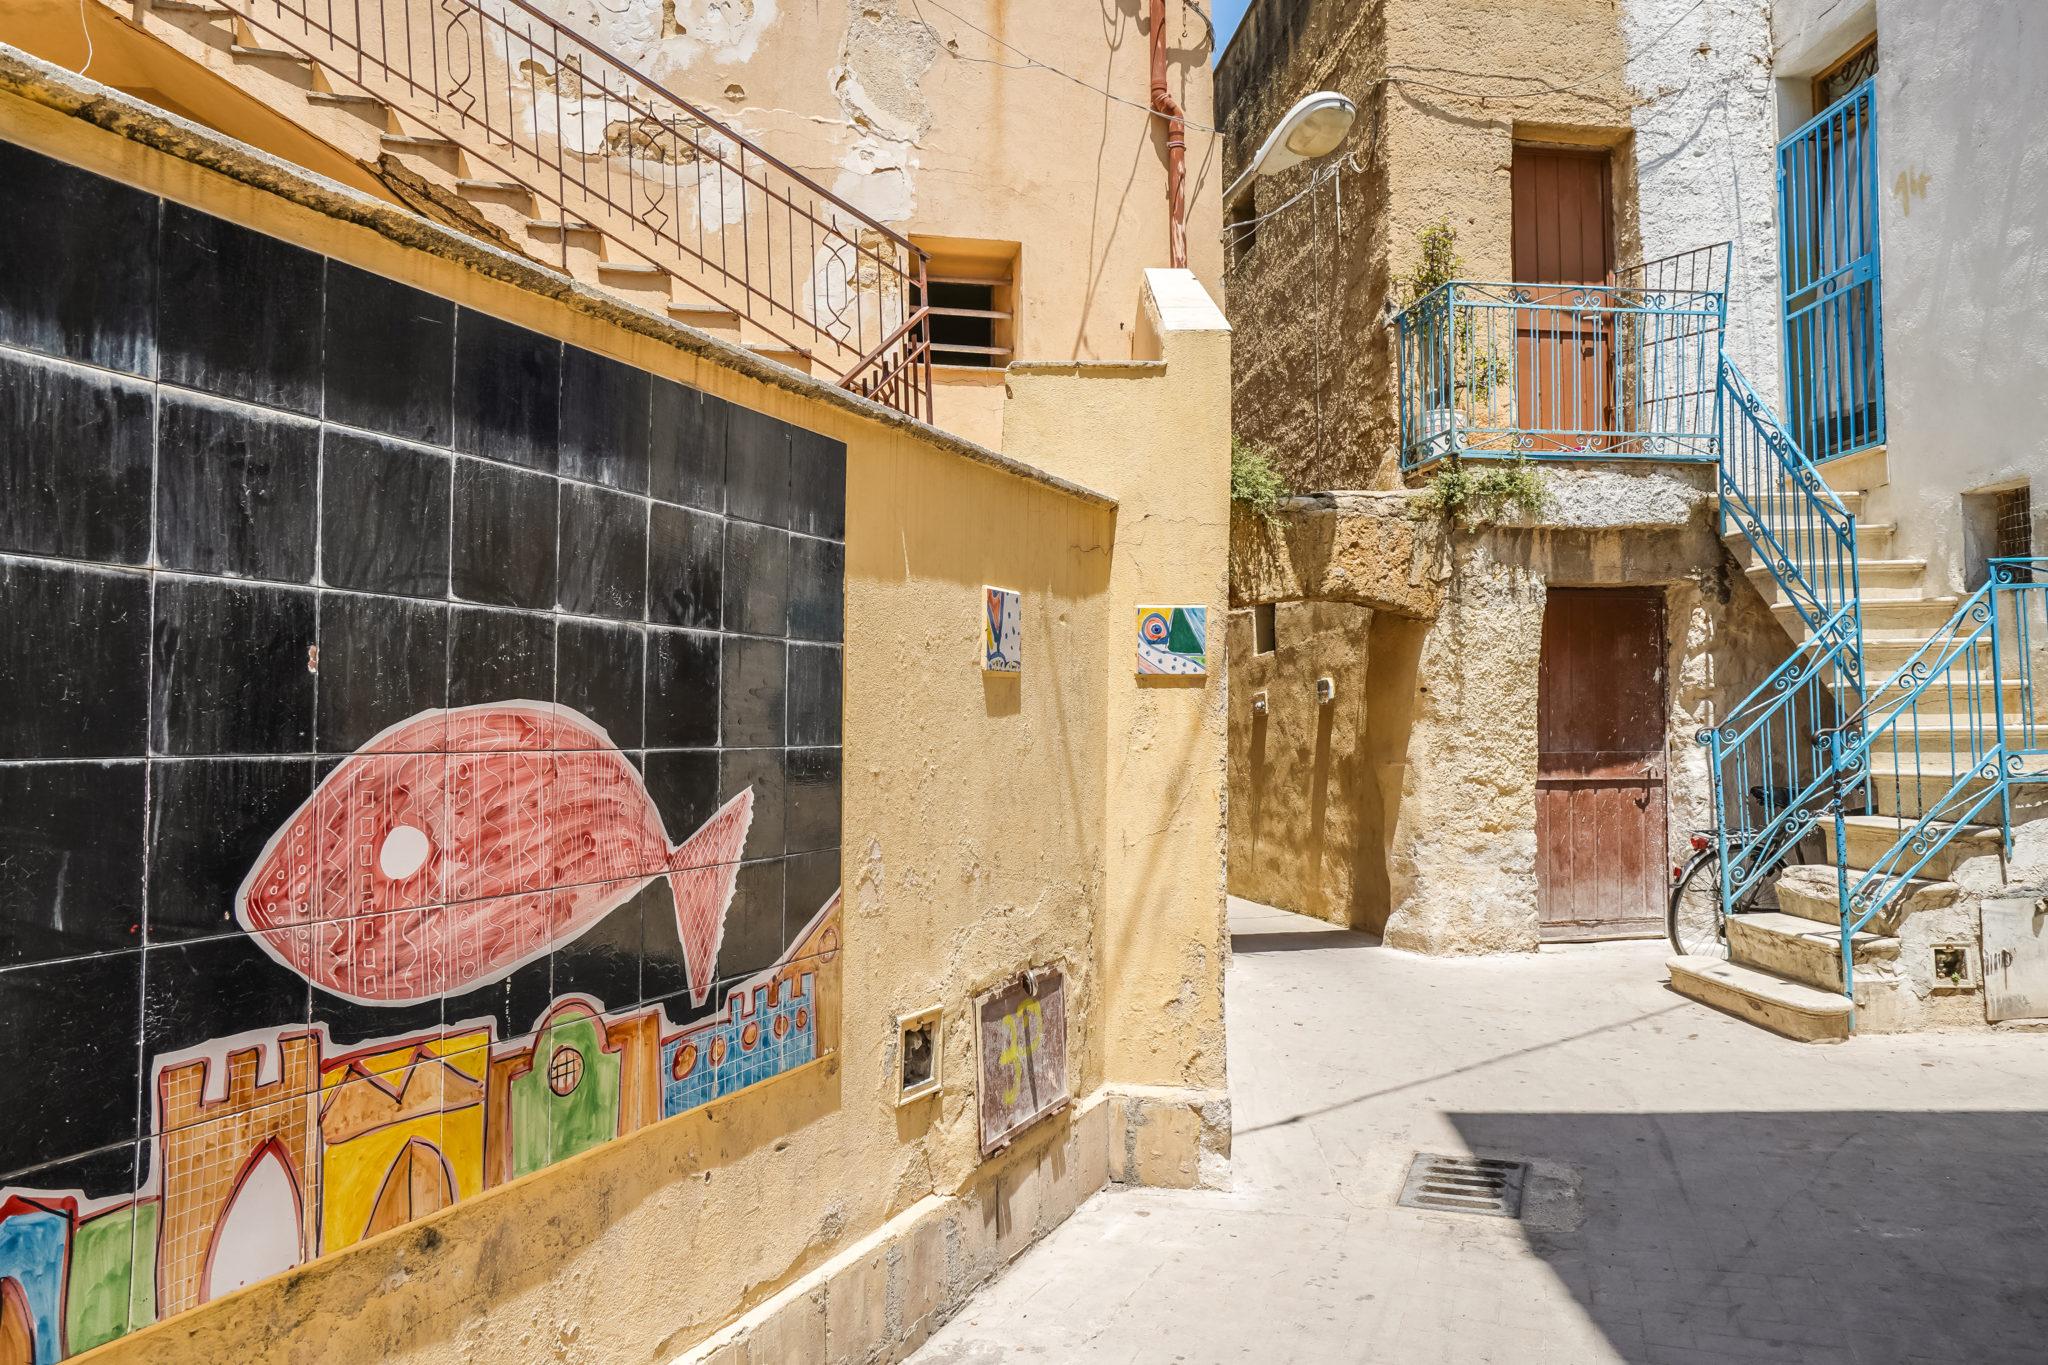 mazara-vallo-sicile-road-trip-céramiques-italie-casbah